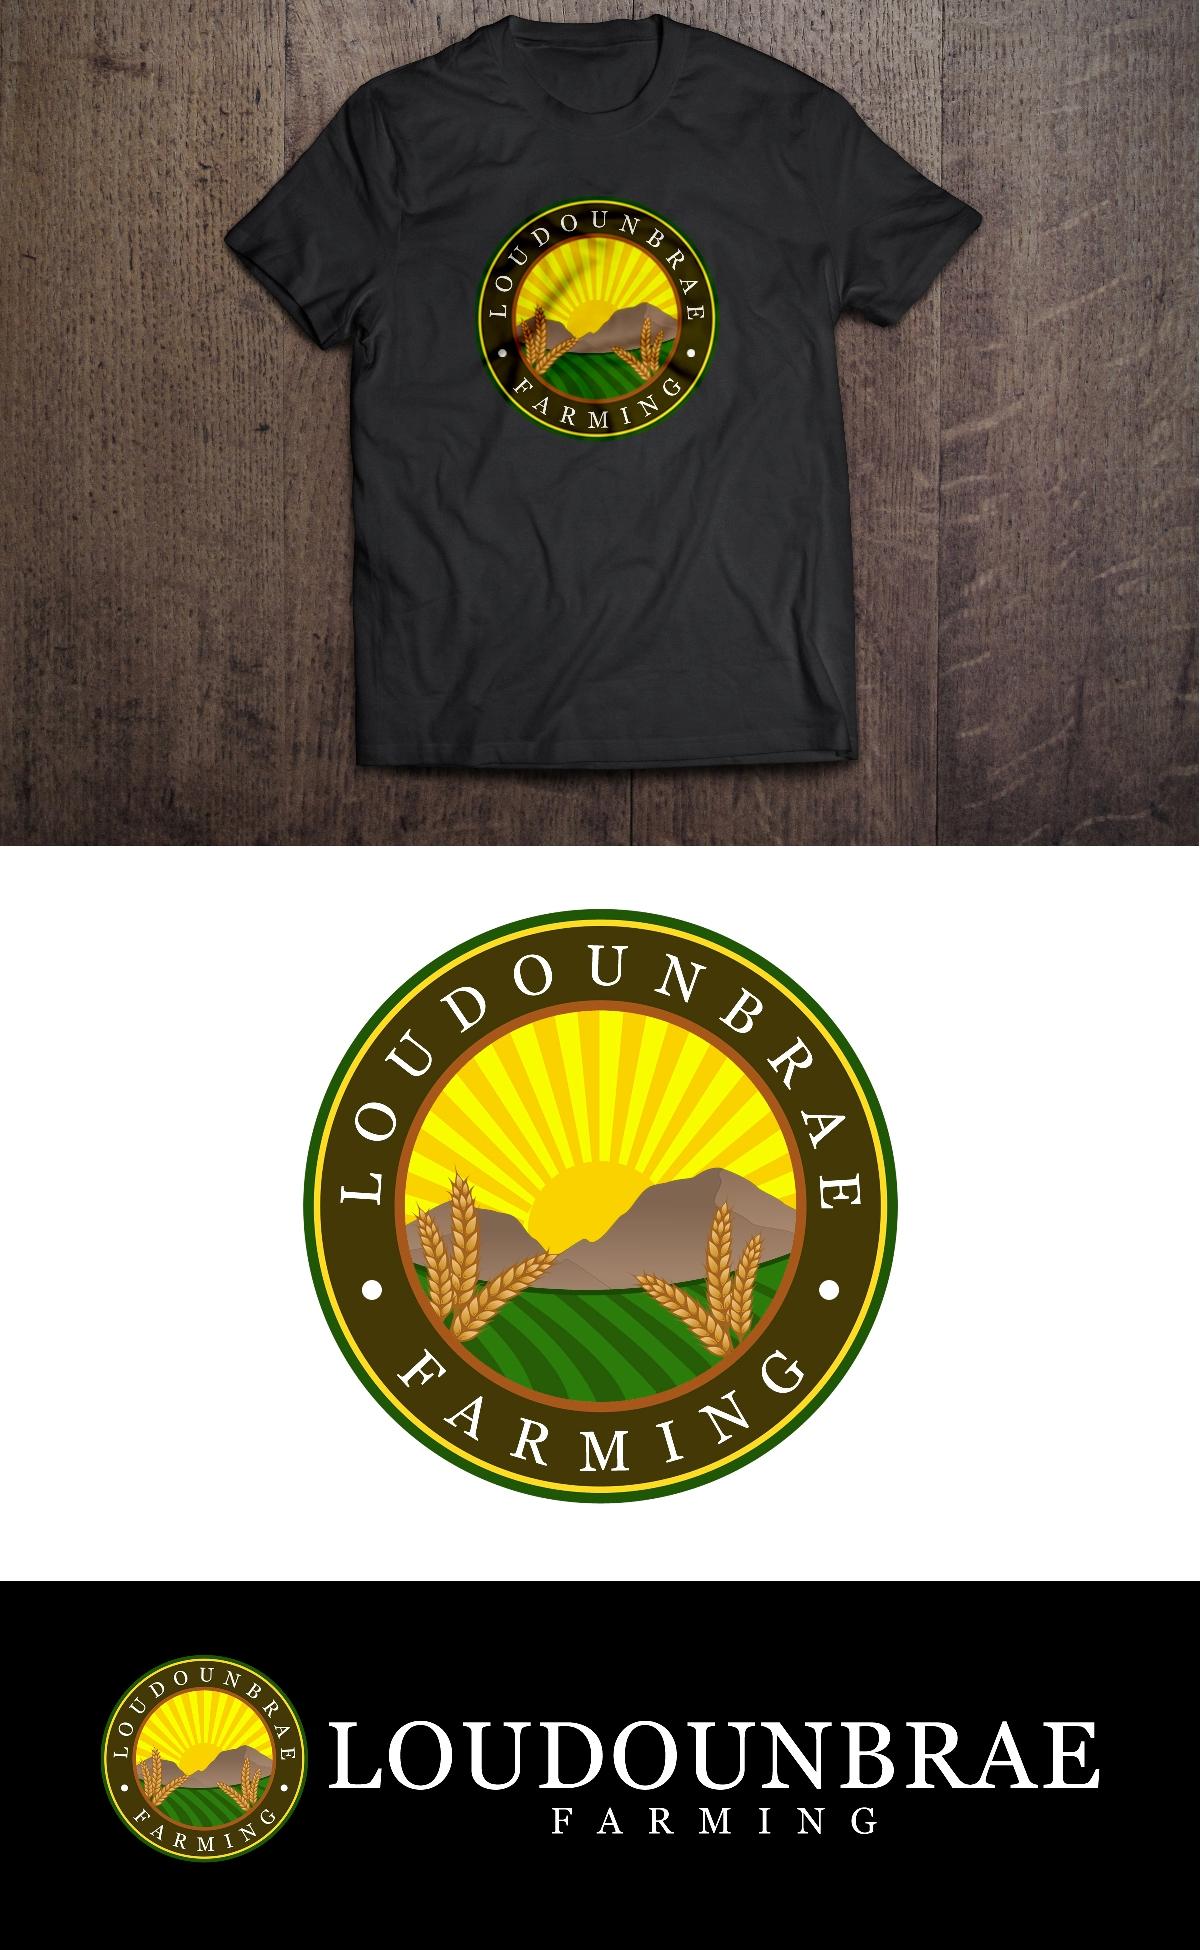 Logo Design by Juan_Kata - Entry No. 94 in the Logo Design Contest Creative Logo Design for Loudounbrae Farming.